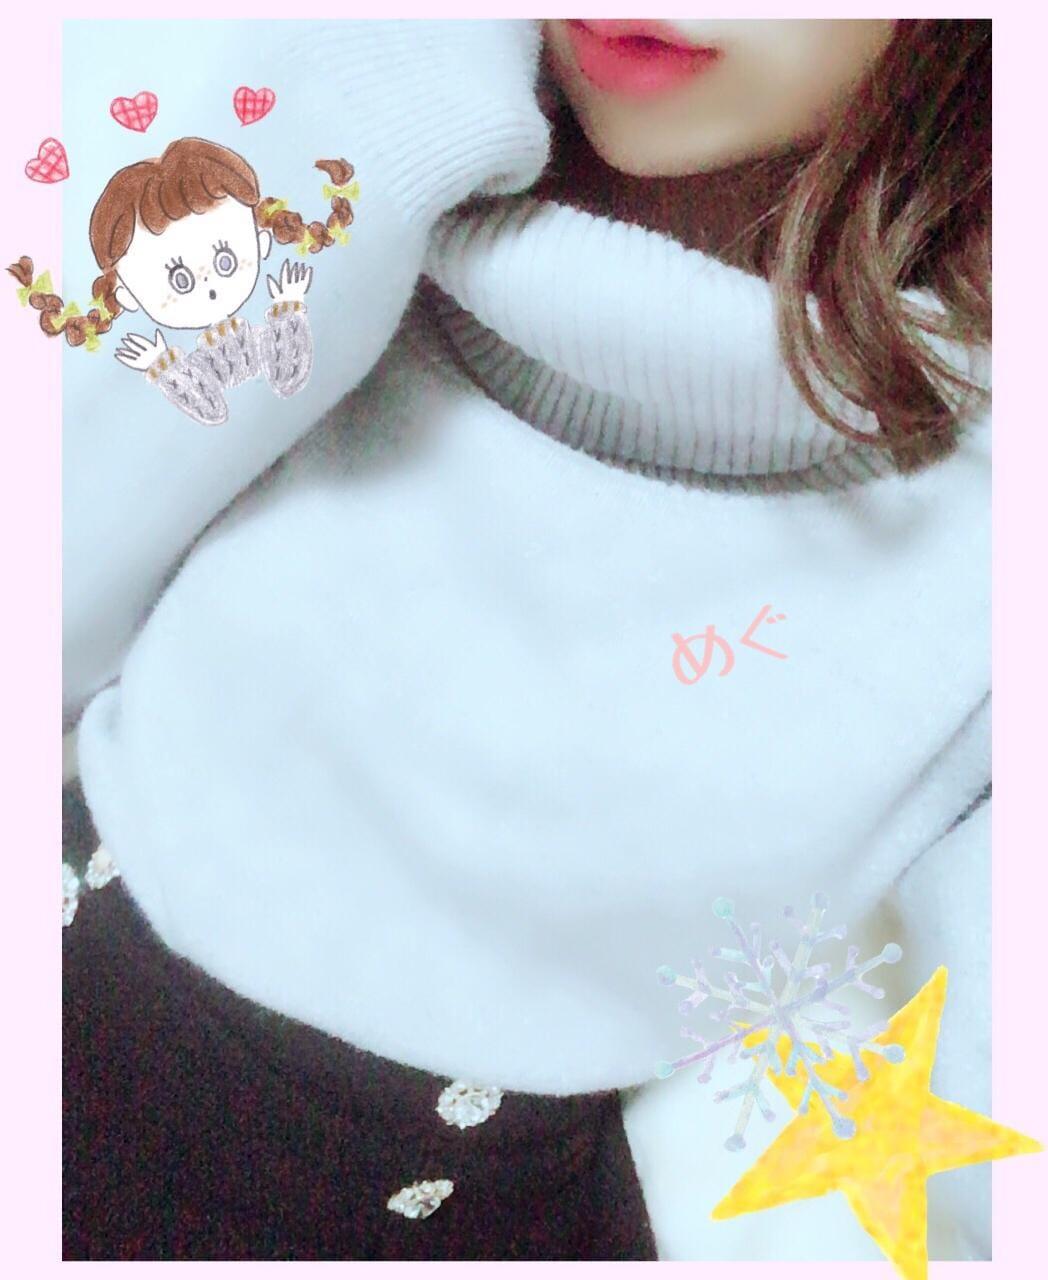 「こんばんは〜(*'ω' *)前回の♡」11/28(11/28) 19:27 | めぐの写メ・風俗動画